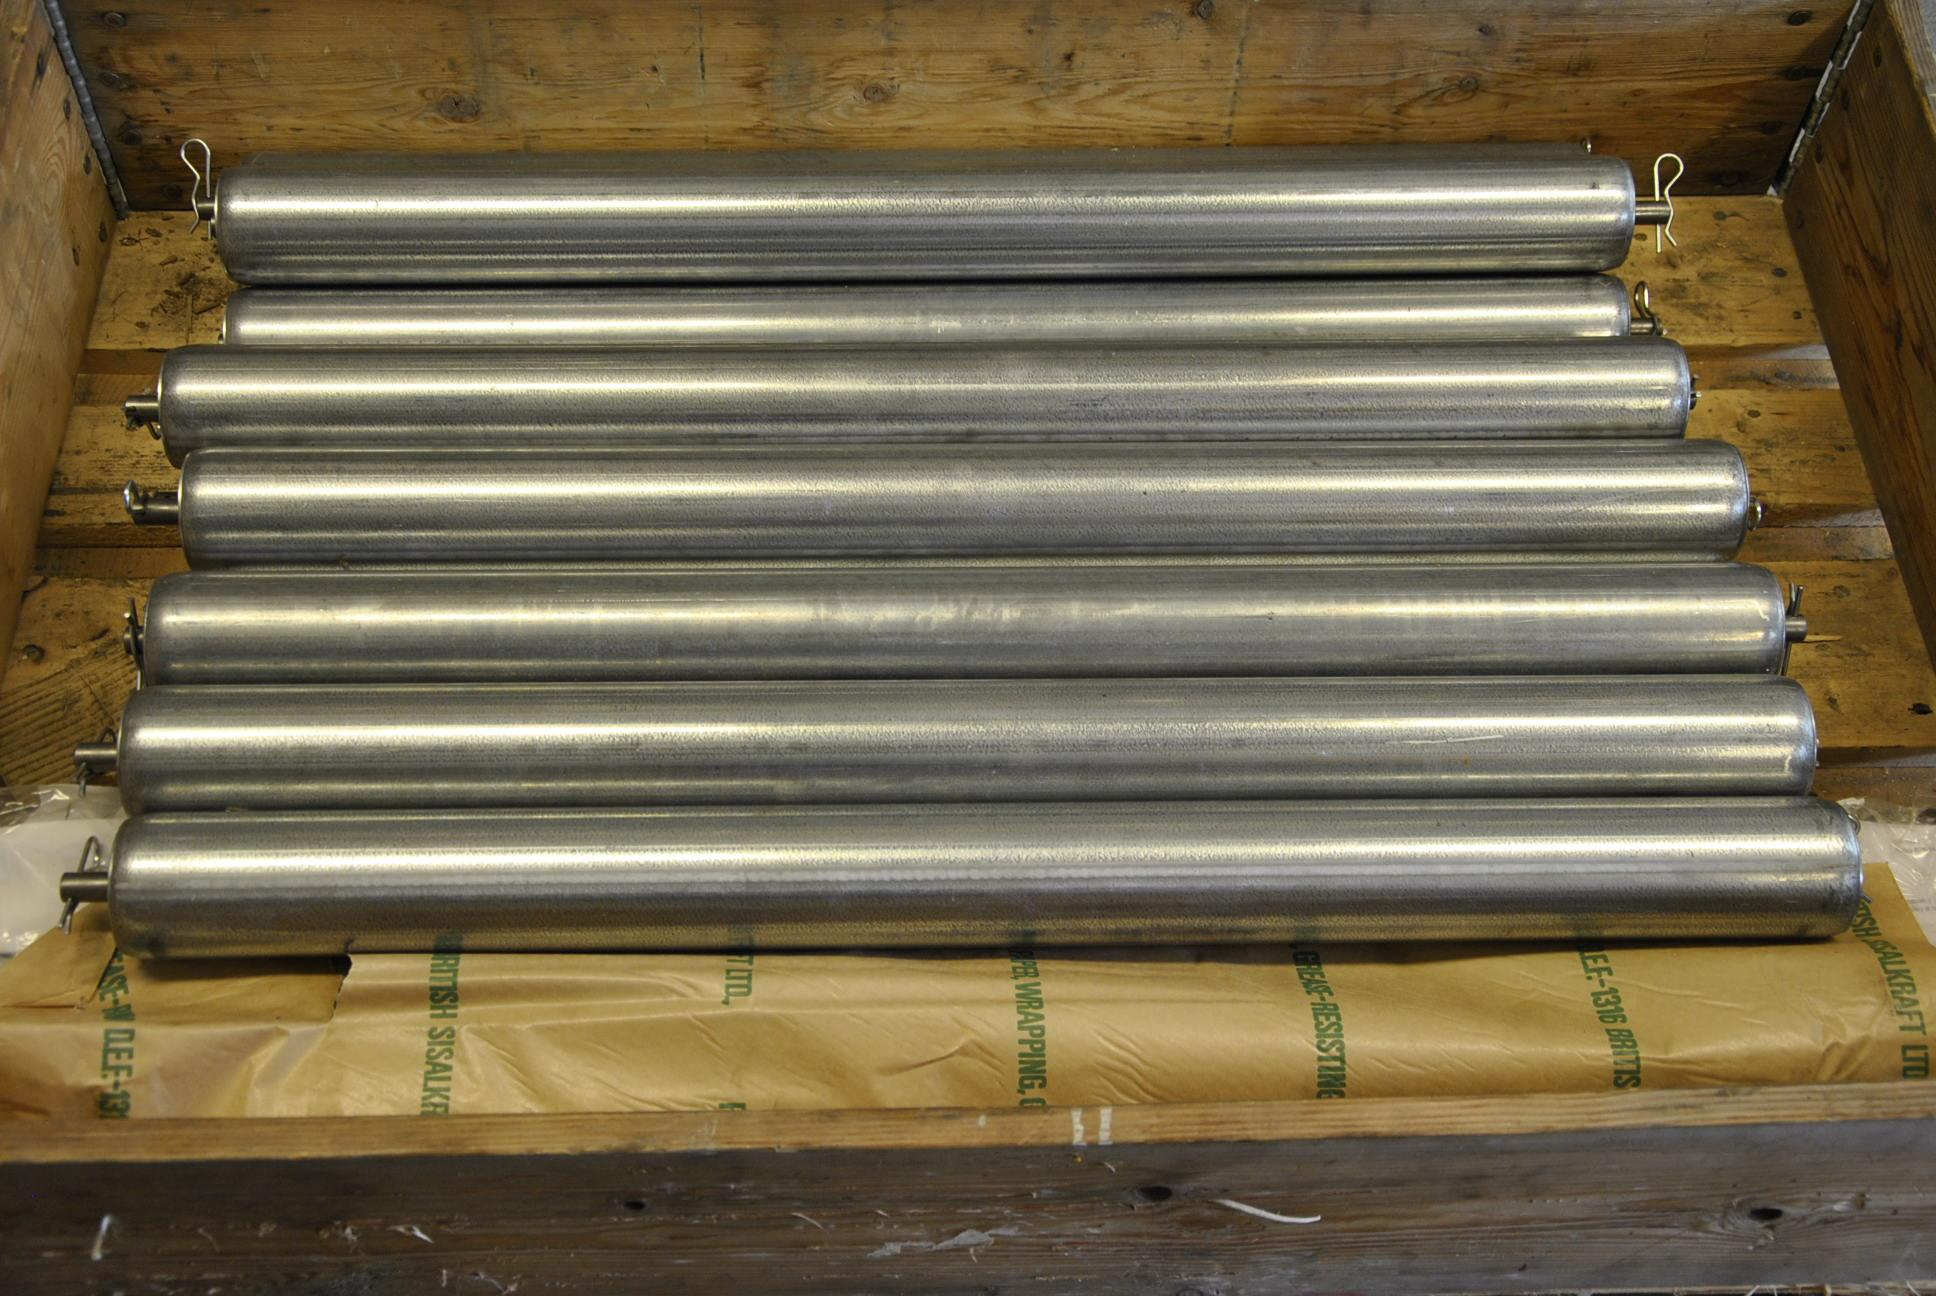 Вал протяжки проволоки L=900 мм, Ø 70 мм. 5 шт/комп